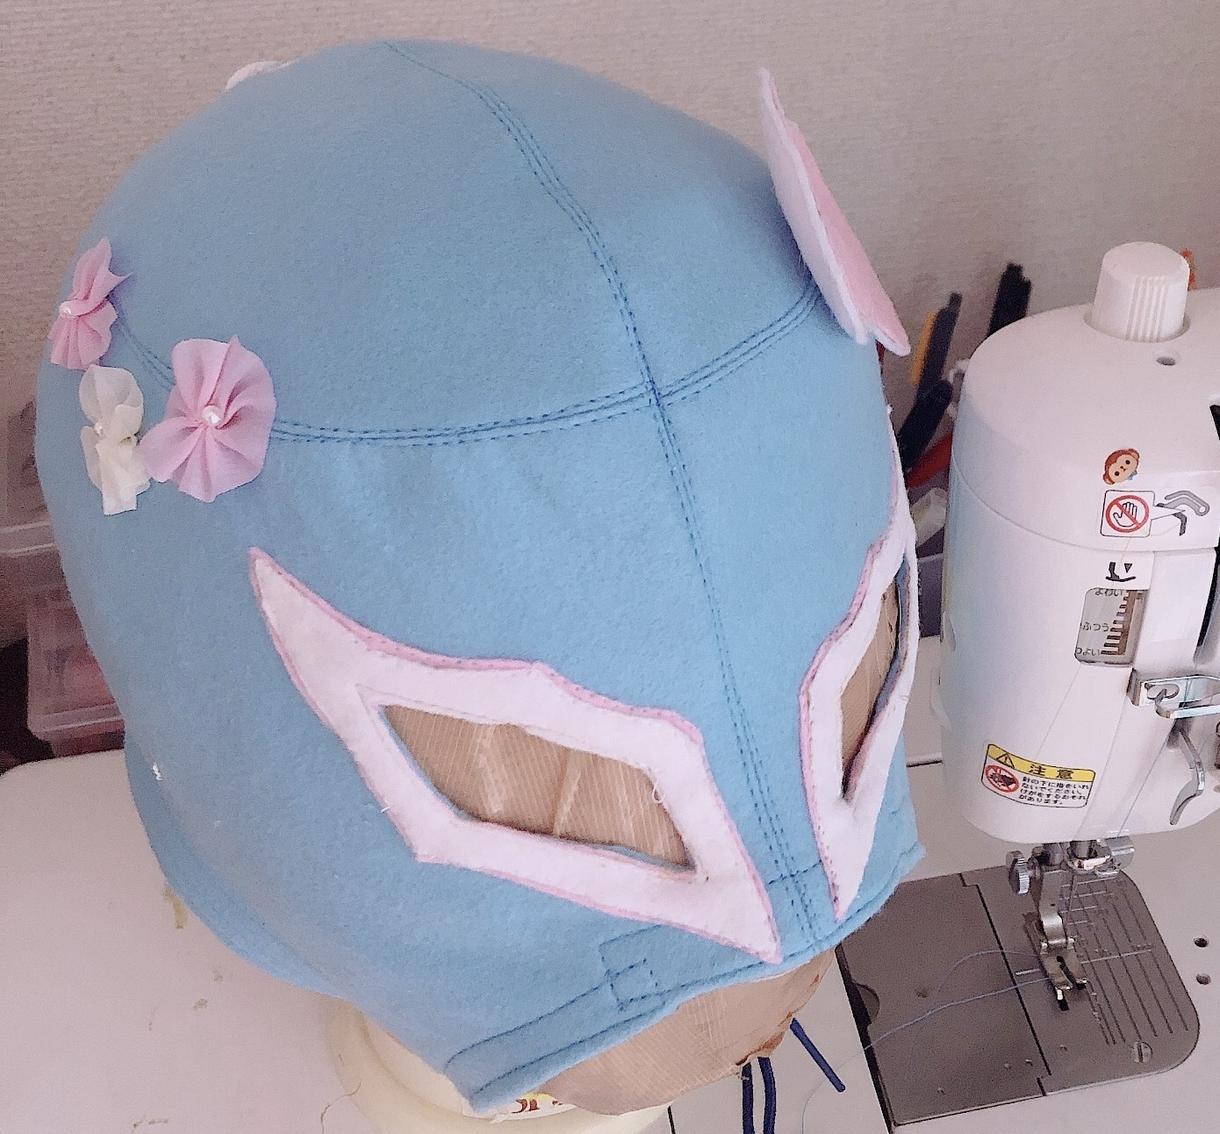 フェルト素材の応援用プロレスマスクつくります 安価でプロレスマスクが欲しい方に!